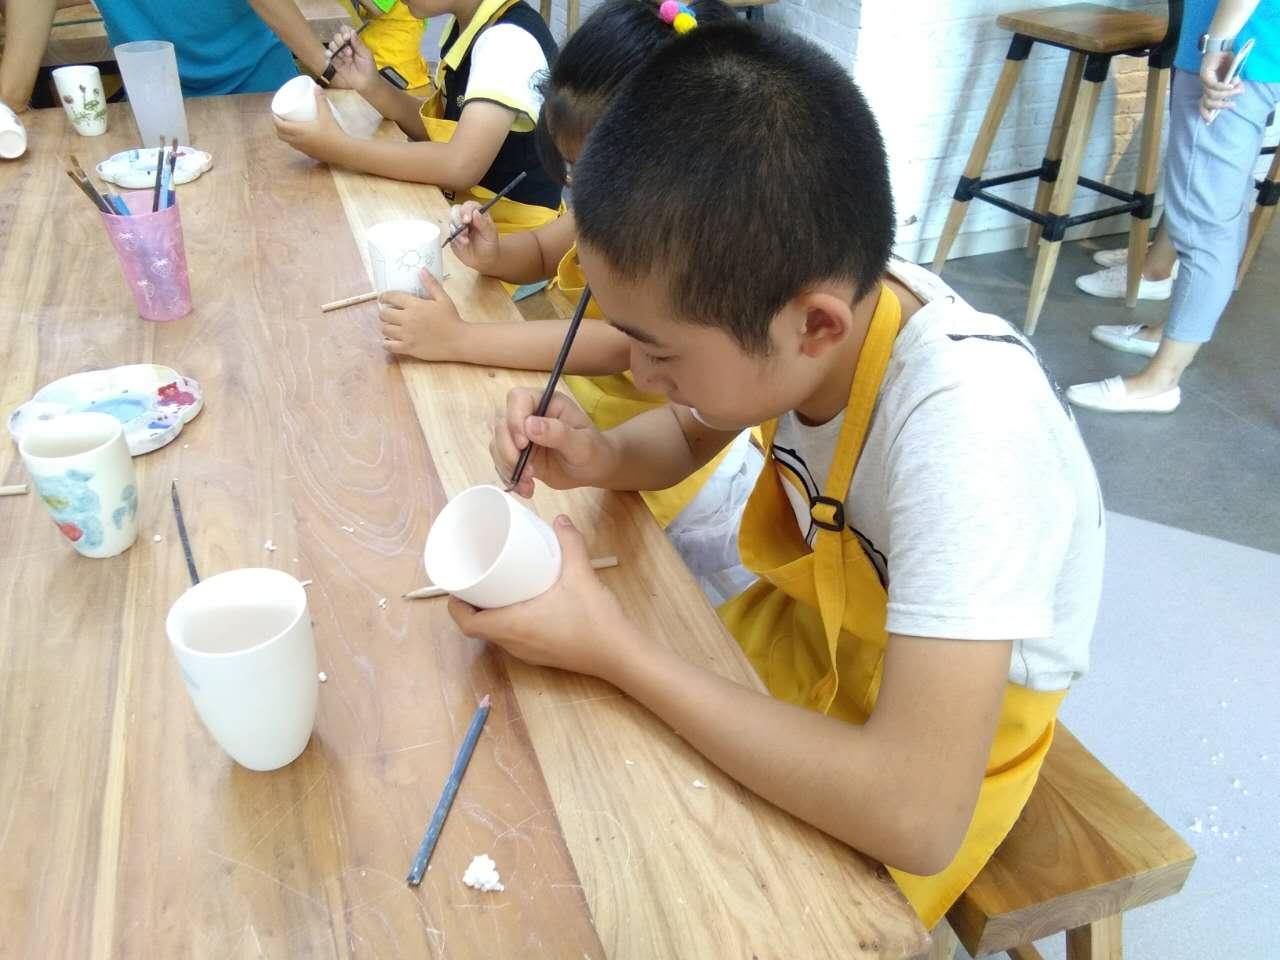 价格划算的手工陶艺diy-青岛实惠的儿童手工陶艺加盟